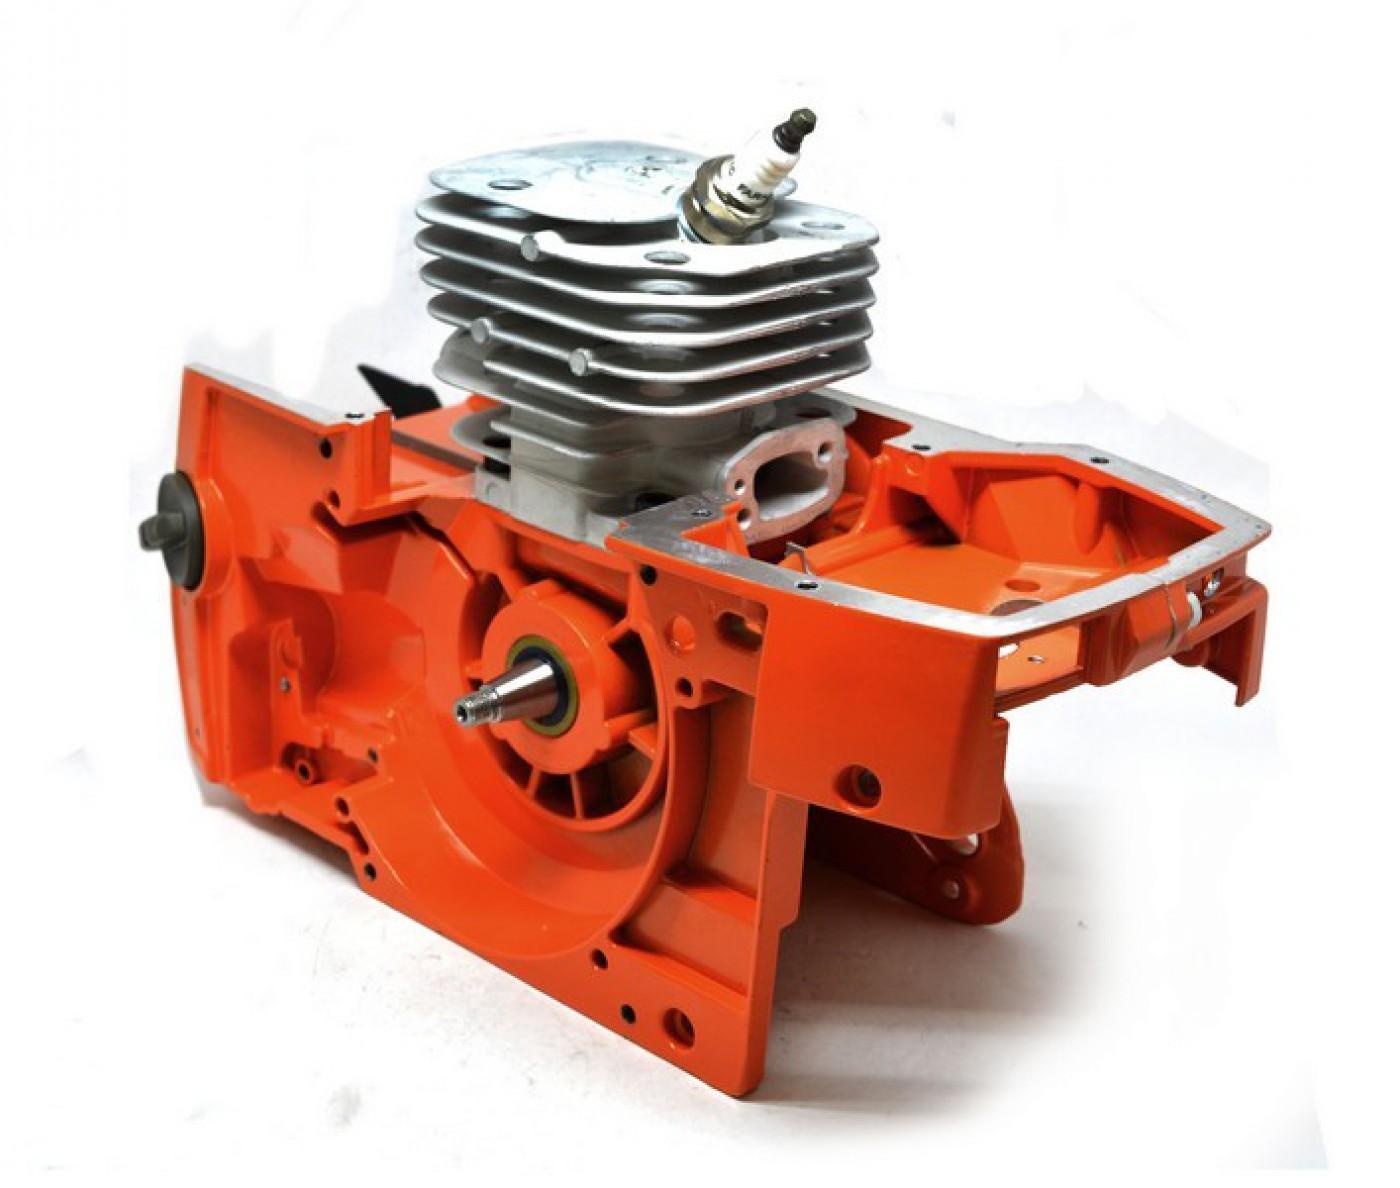 Motor Husqvarna 268 AKCE - ušetříte 1020Kč